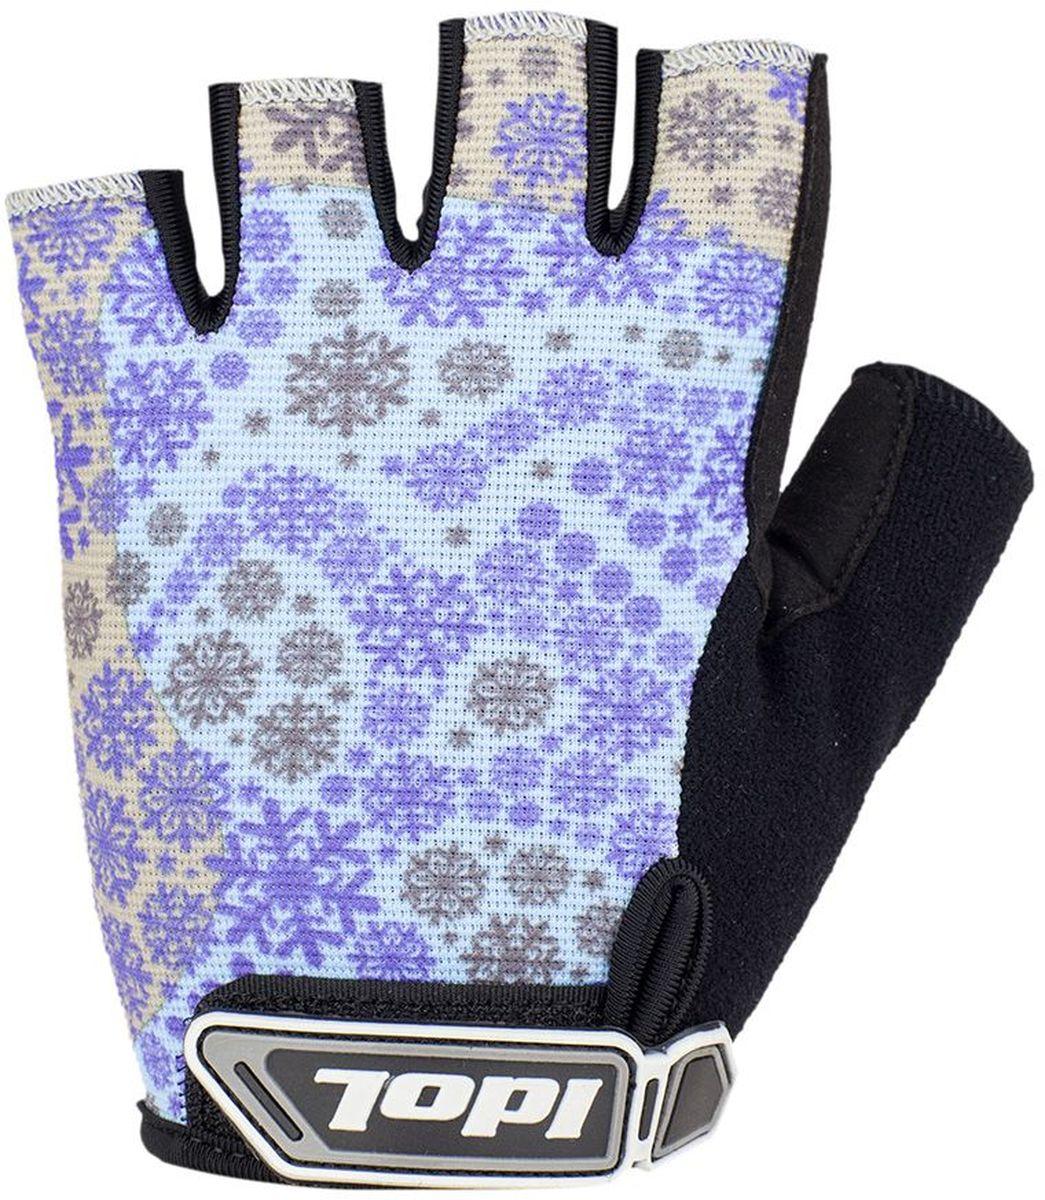 Перчатки велосипедные женские Idol Arosa, цвет: голубой. Размер SMW-1462-01-SR серебристыйВелосипедные перчатки женские Idol, AROSA 2931 предназначены для велоспорта, велотуризма, велосипедных прогулок. - Самая коммерческая перчатка в женской линии- Открытые пальцы- Верх: высококачественный материал 4-way stretch повышенной дышимости- Ладонь: синтетическая кожа Amara- Влагоотводящий материал на большом пальце- Веревочные петли для снимания- Липучка для фиксации перчатки на рукеВысокое качество материалов, стильный дизайн, функциональность и прочность выделяют велоперчатки Idol среди прочих.